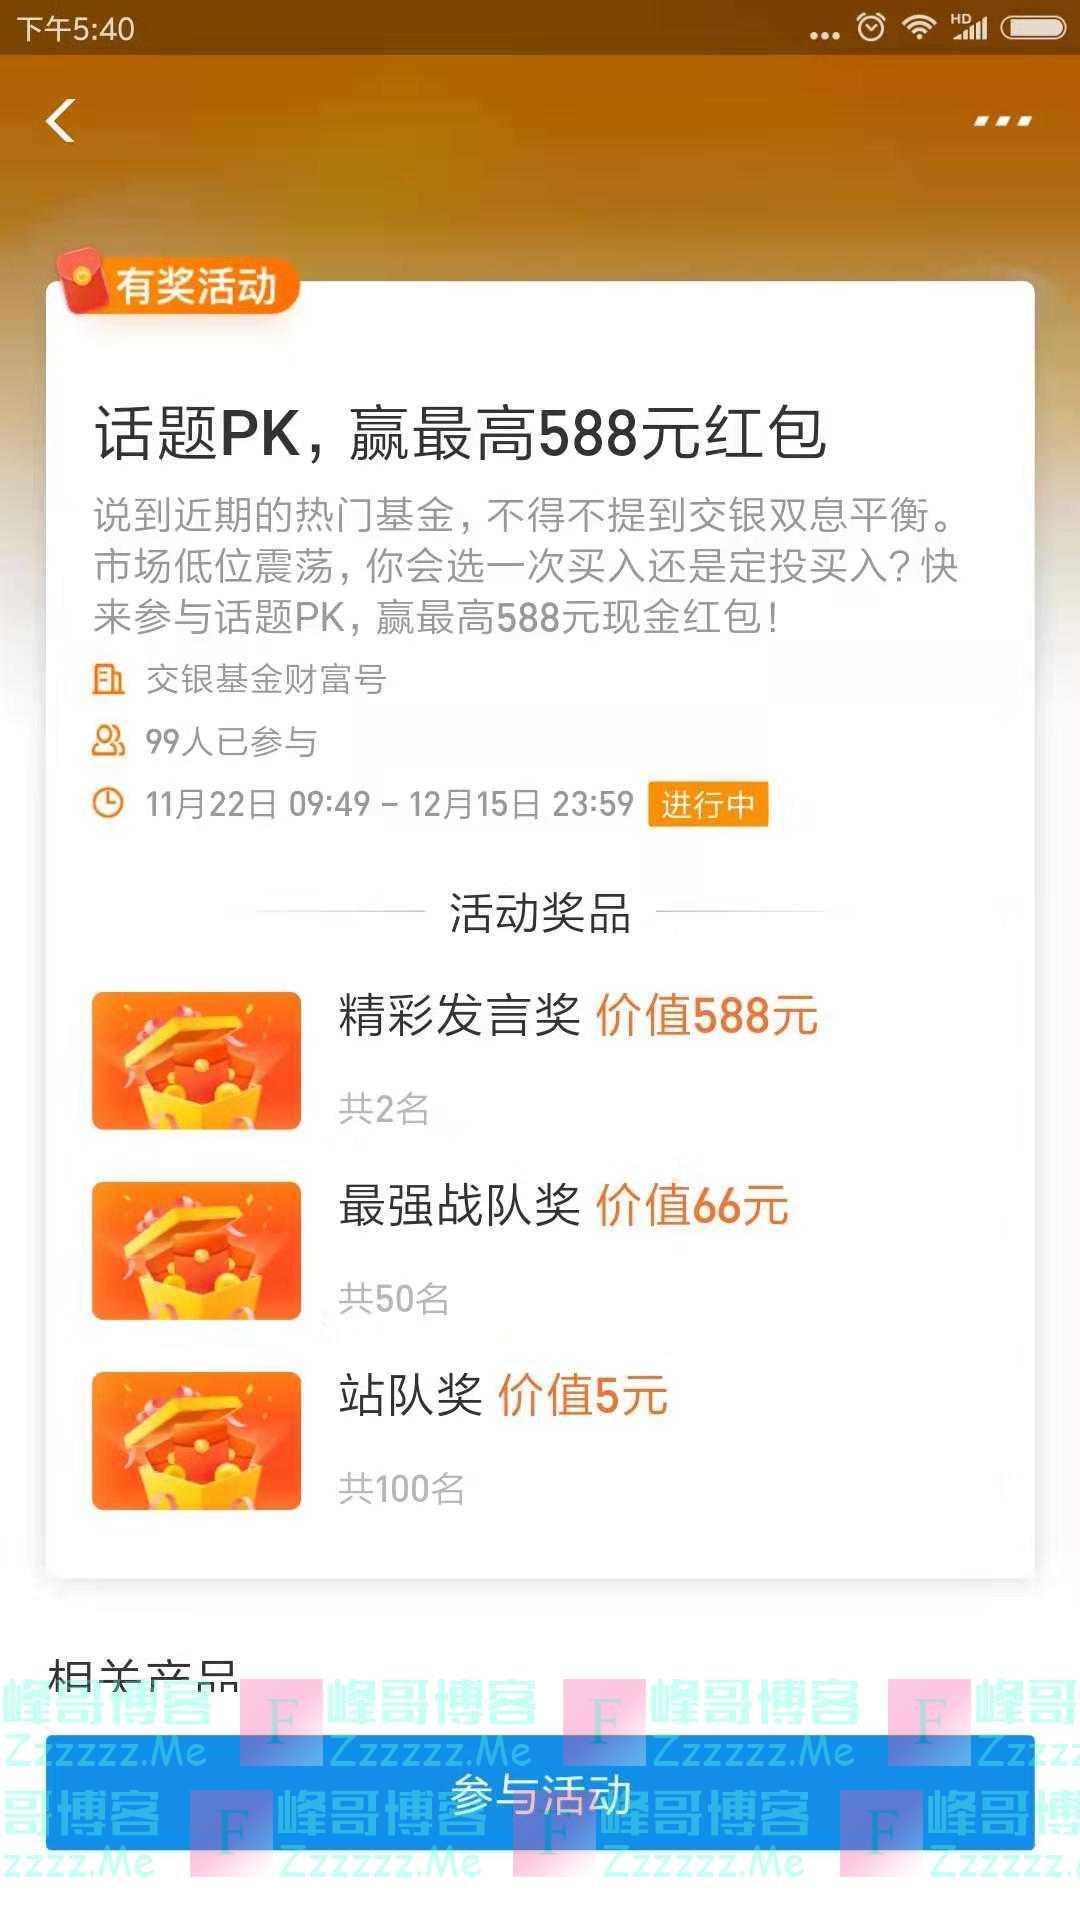 交银基金话题PK 赢最高588元红包(截止12月15日)